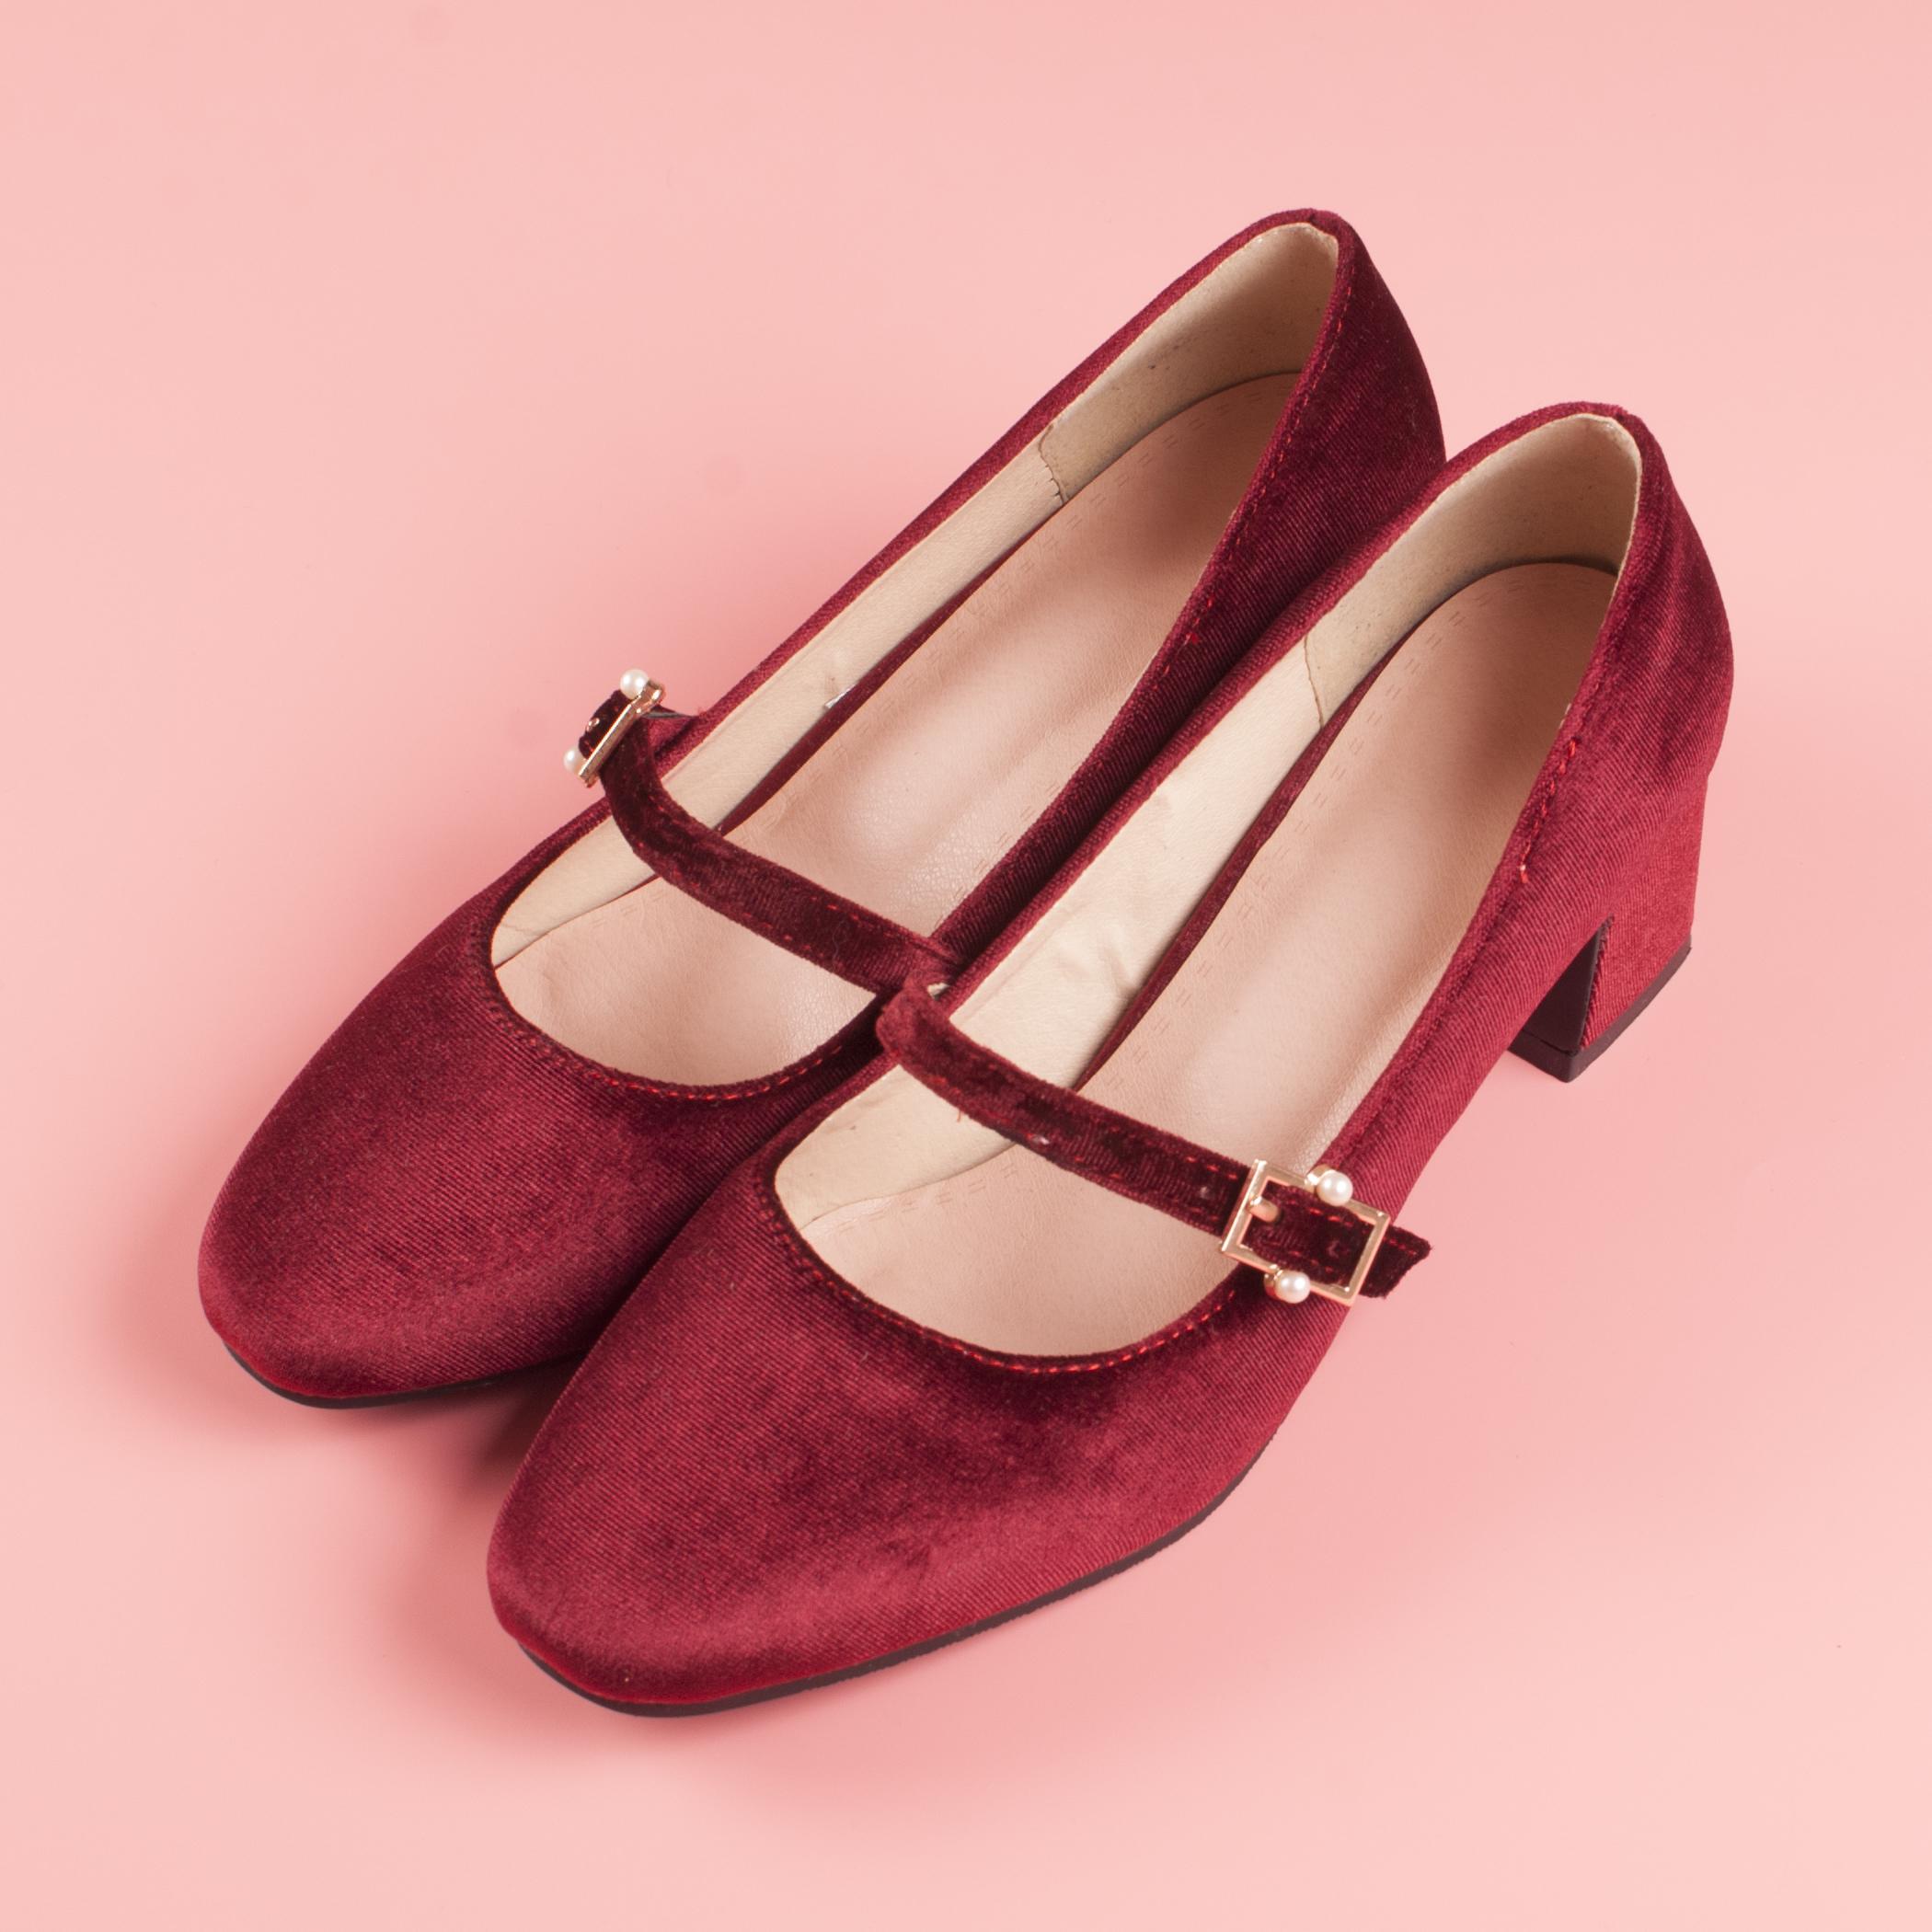 酒红色玛丽珍鞋复古方头奶奶鞋金丝绒赫本鞋中跟芭蕾鞋粉色仙女鞋